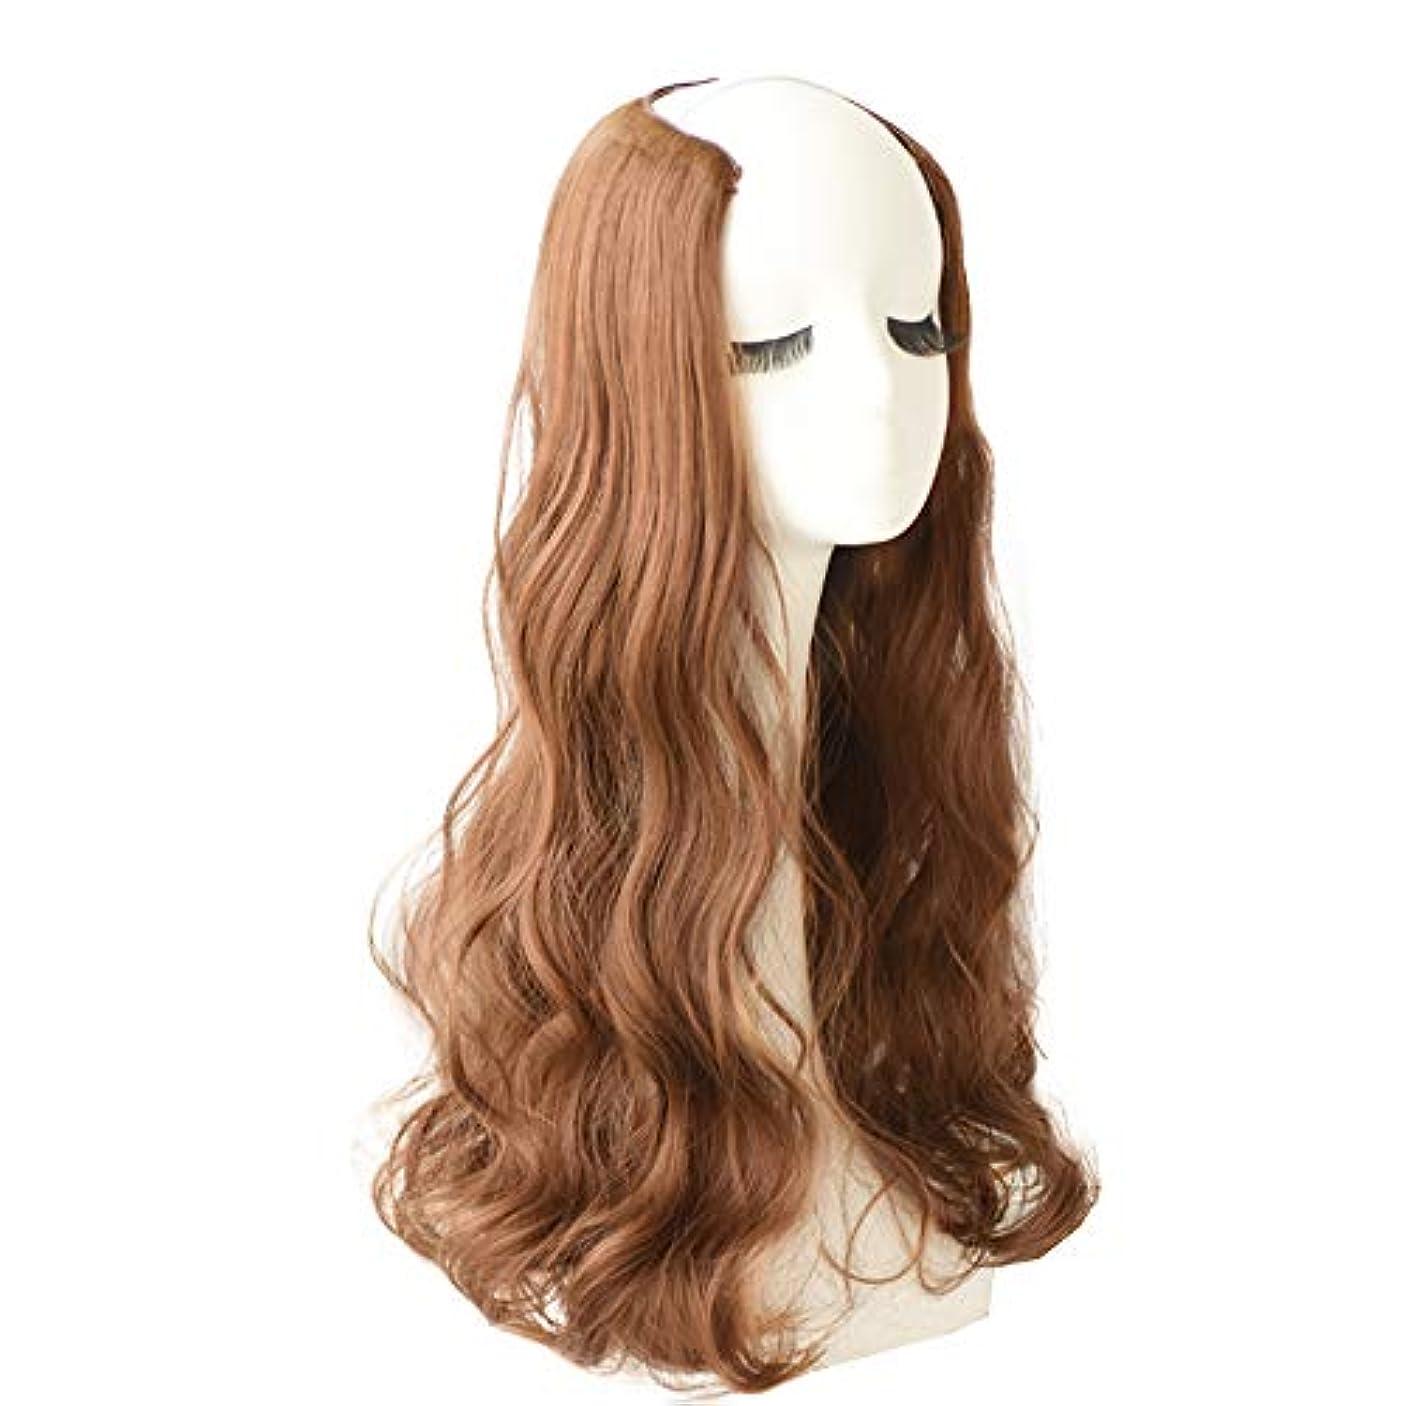 会員非常に怒っています株式フルヘッドカーリーウェーブインエクステンションヘアピース女性用新Vタイプヘアエクステンション小さいサイズと、頭皮の通気性が強い